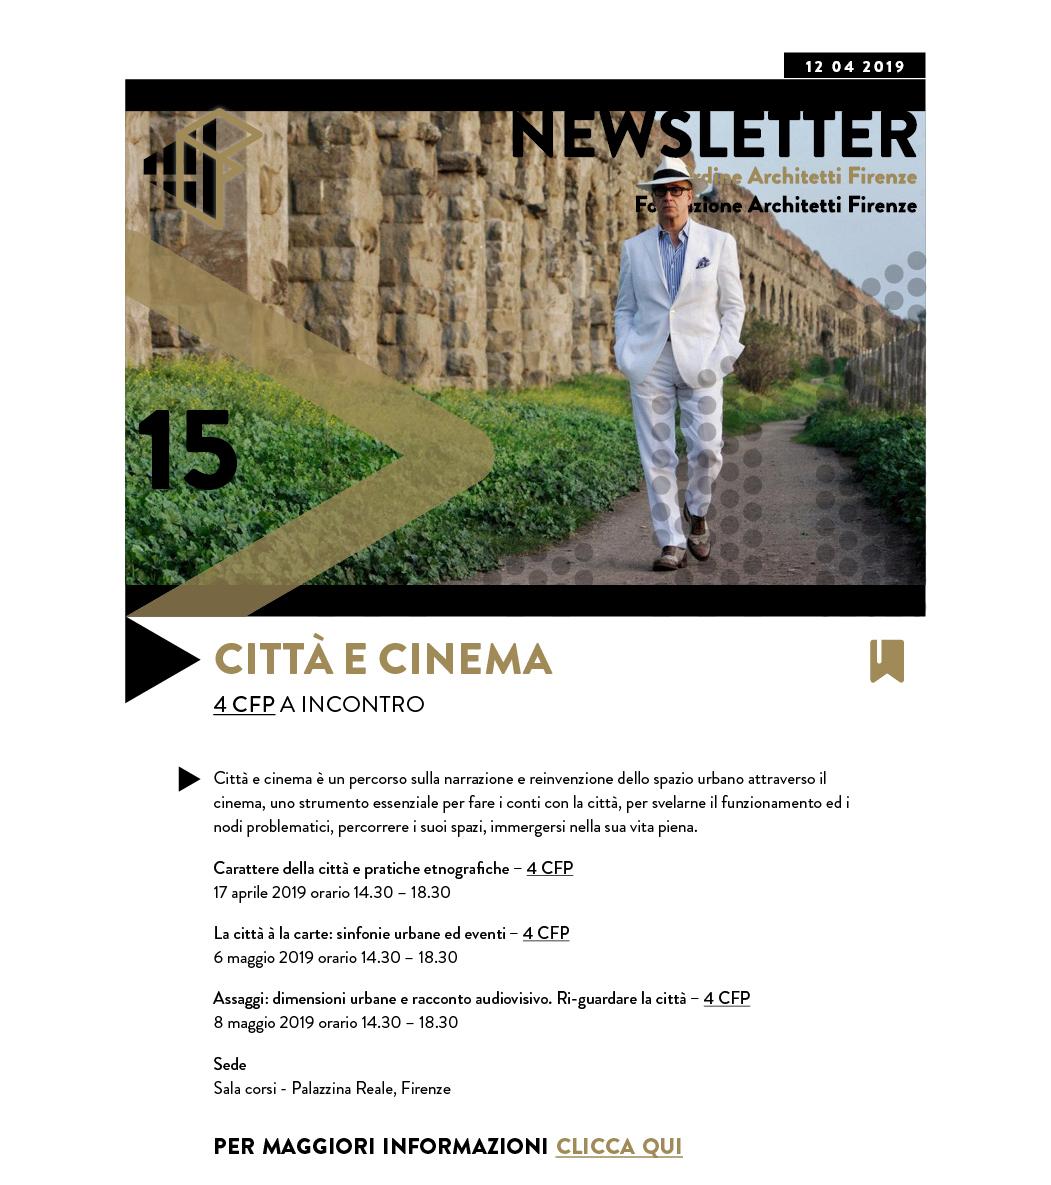 Città e cinema